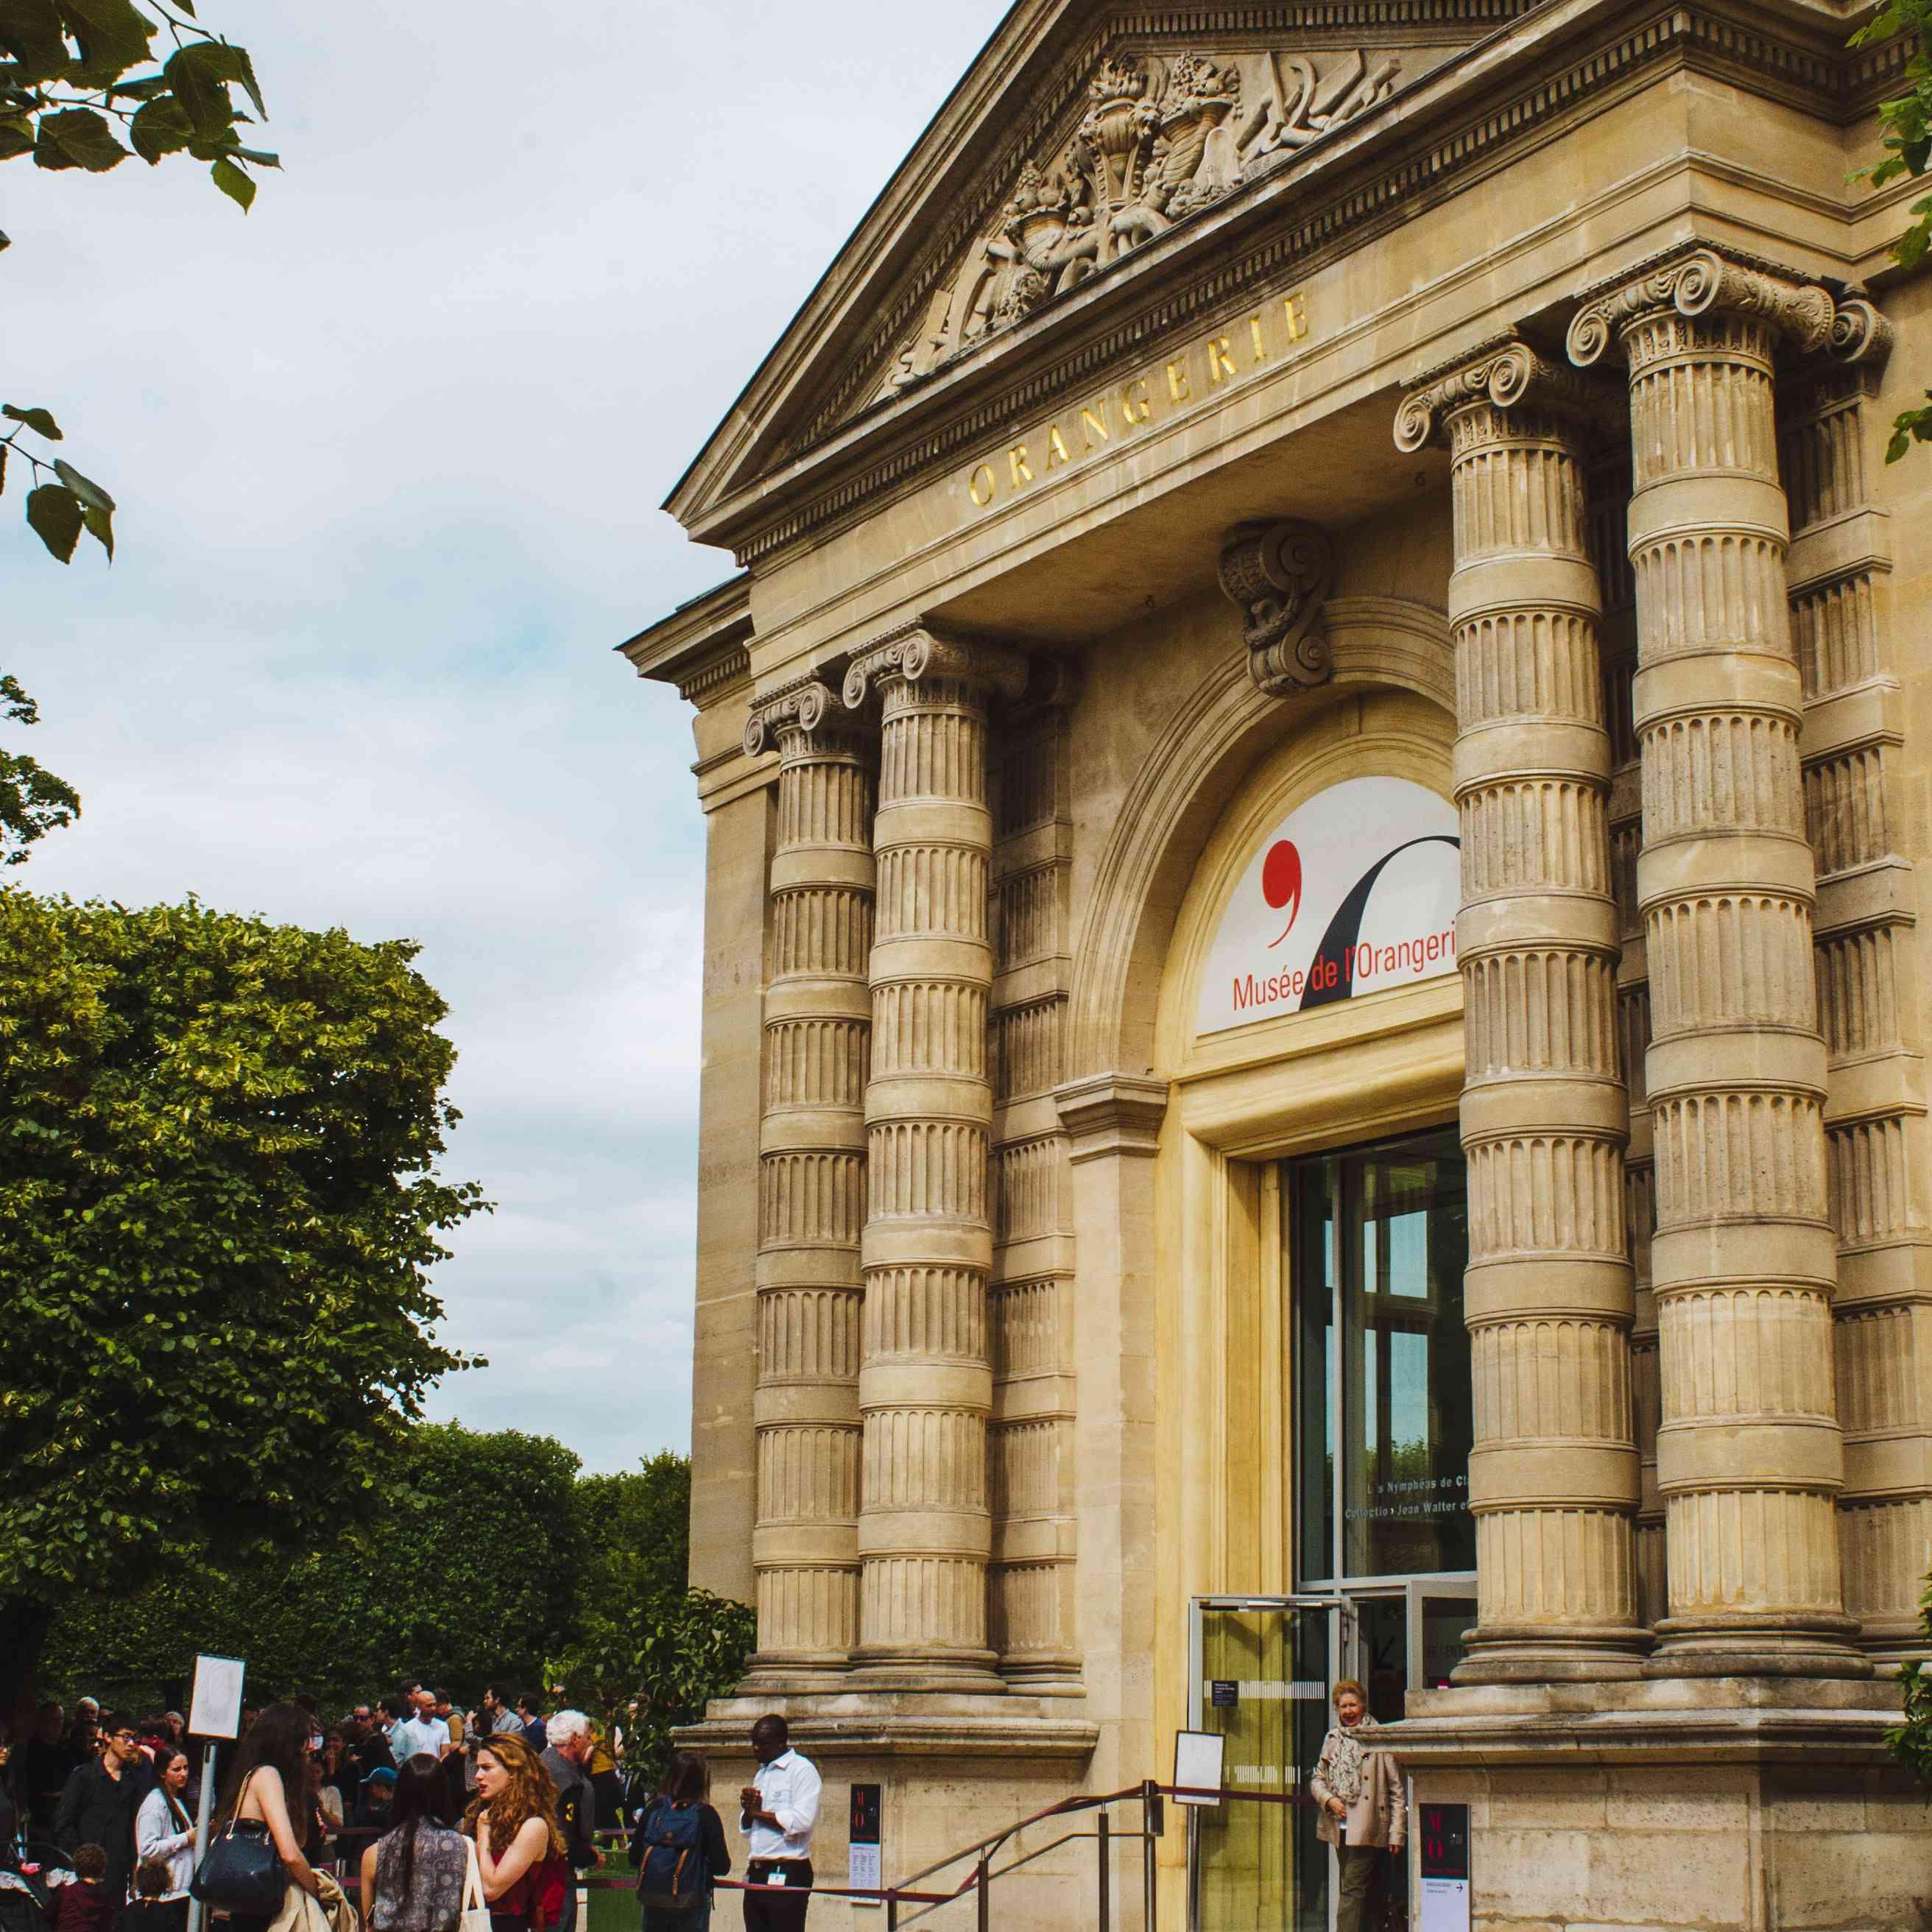 Entrance to Musee de L'Orangerie